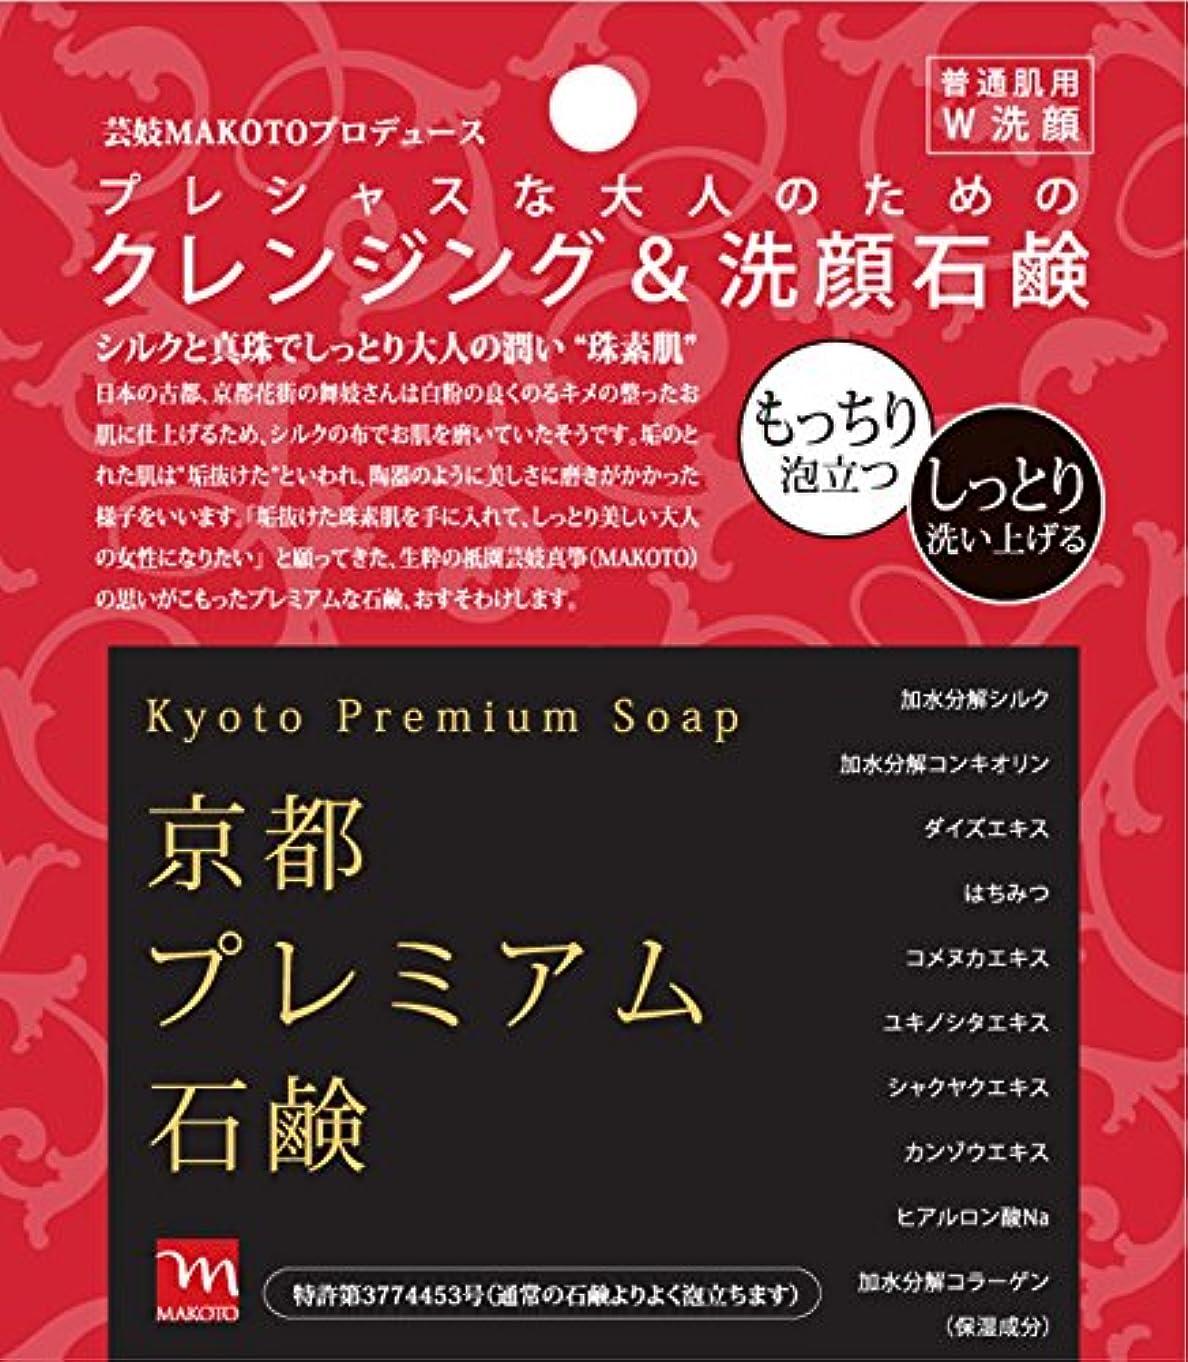 迫害スパイラル繕う京都プレミアム石鹸 クレンジング&洗顔石鹸 しっとり もっちり 芸妓さん監修